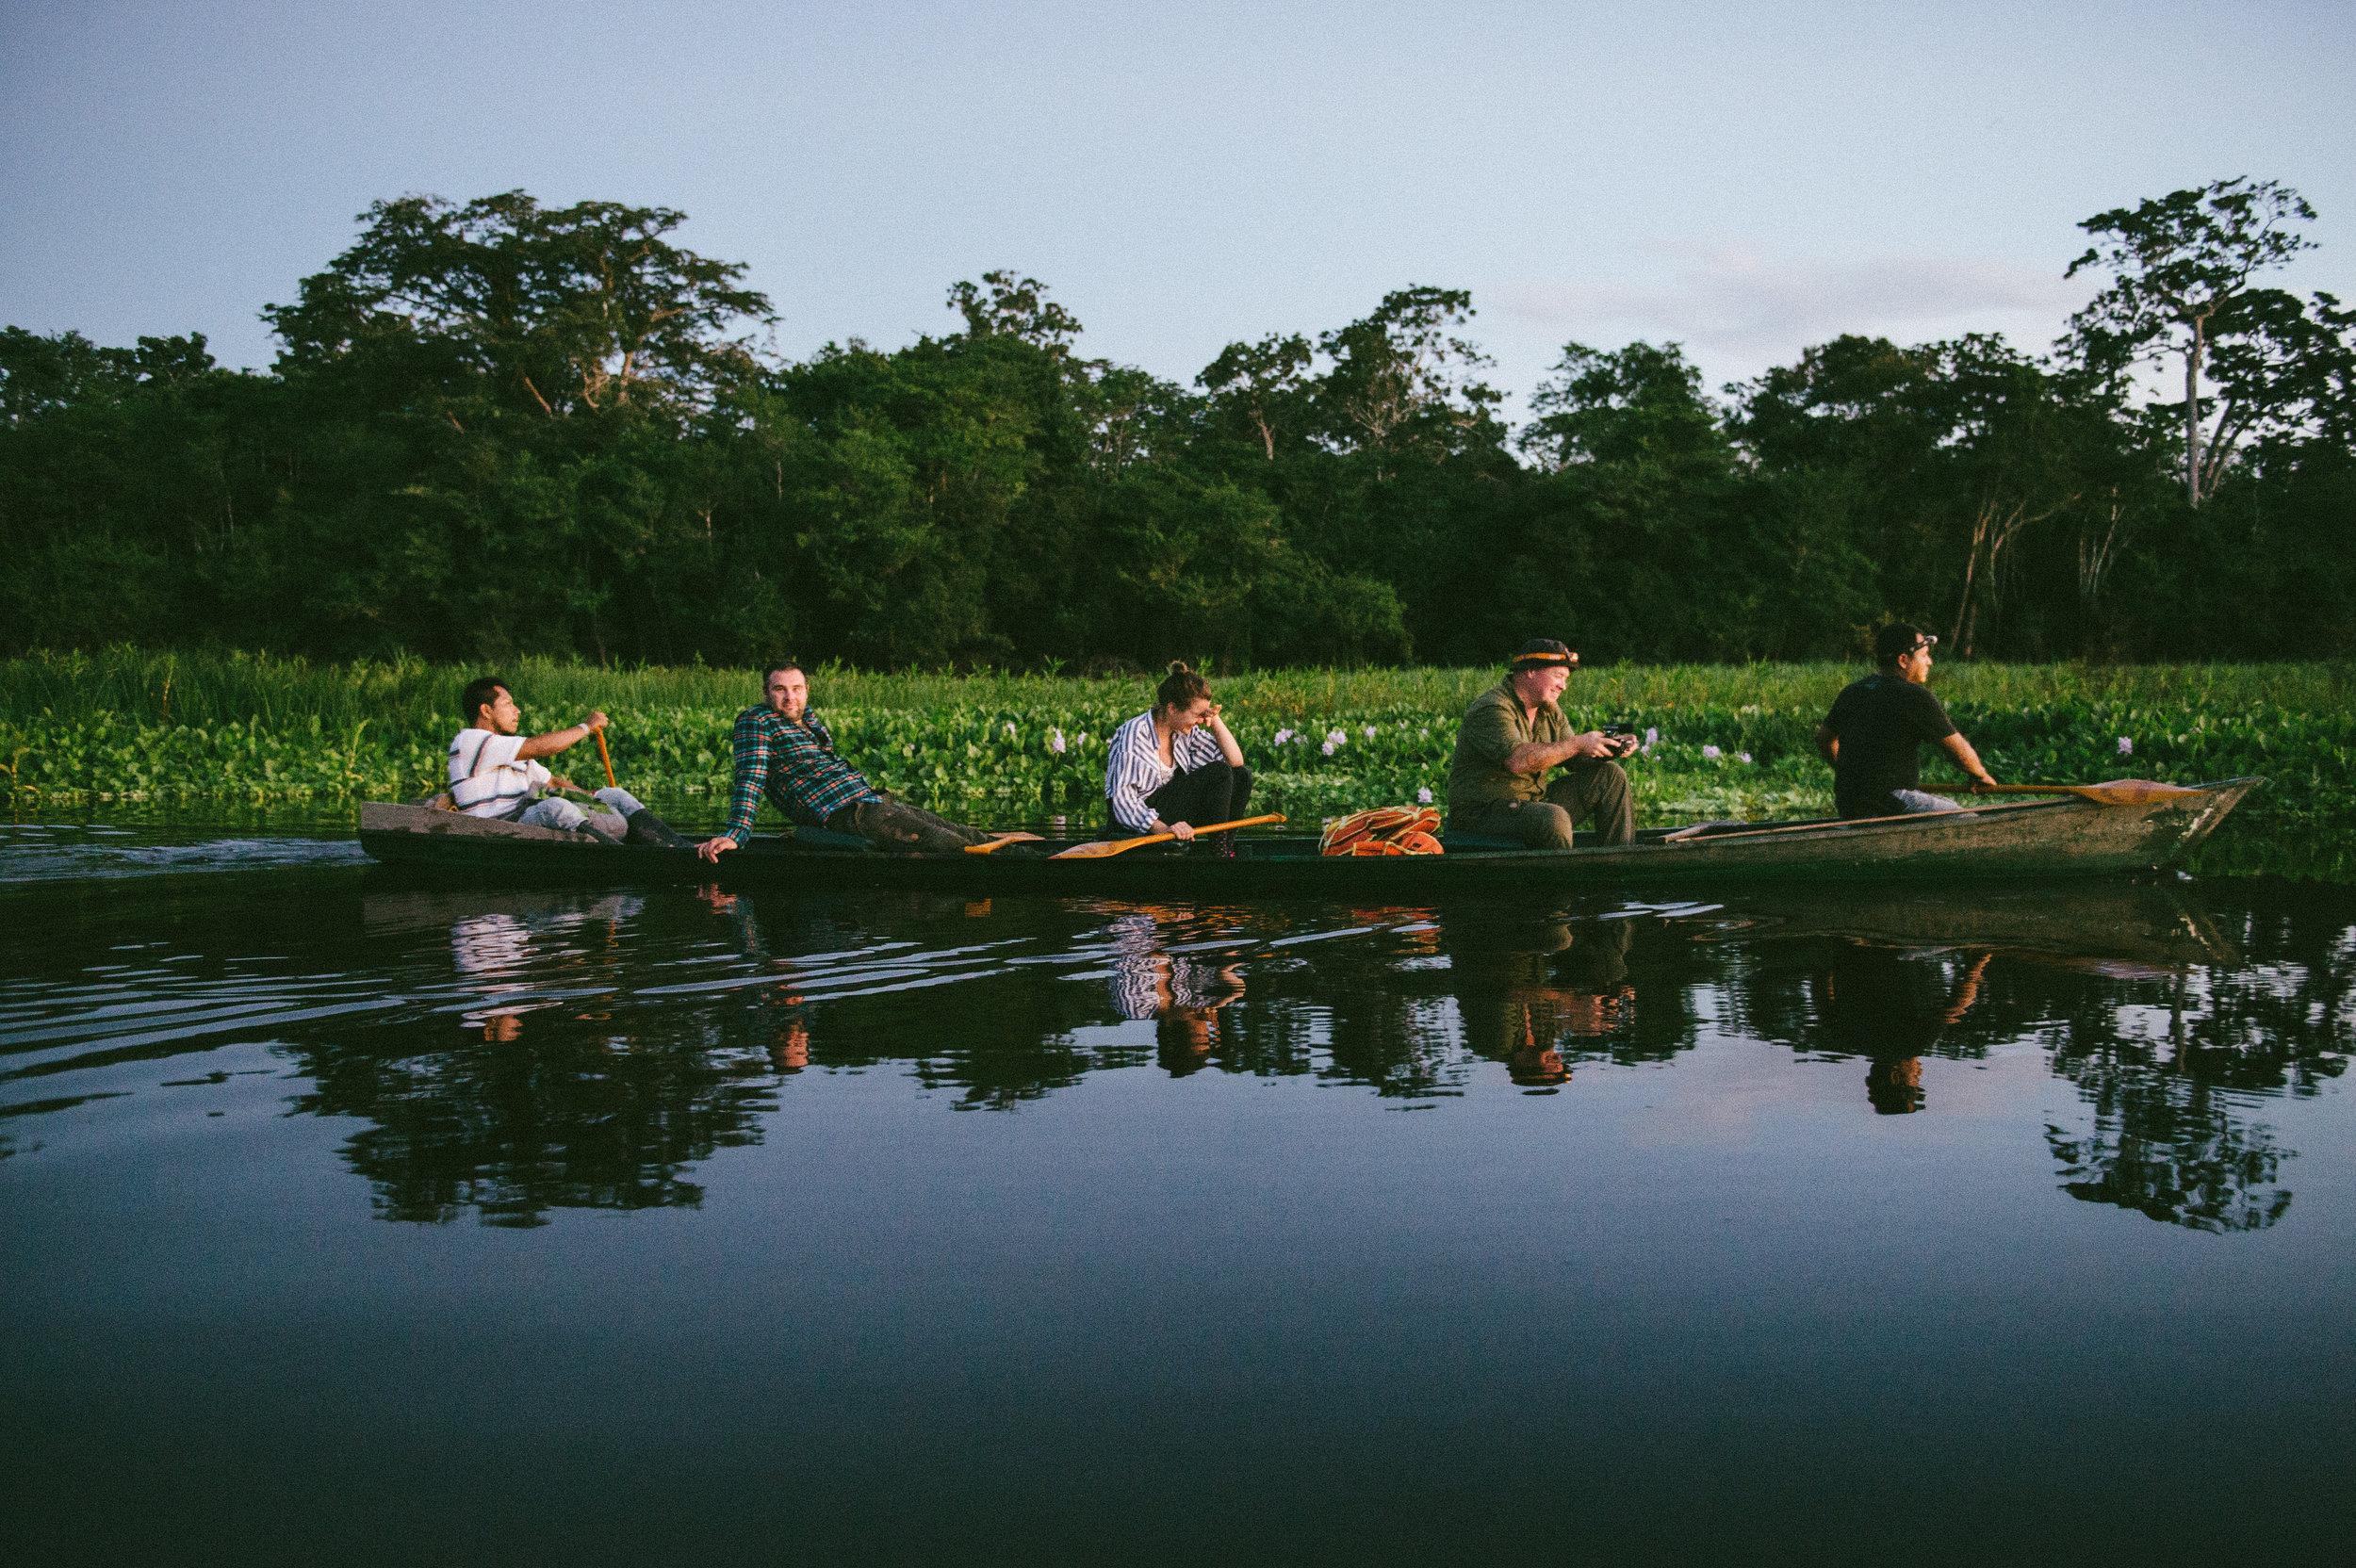 Õhtul Amazonasel. Foto: Stina Kase 2014